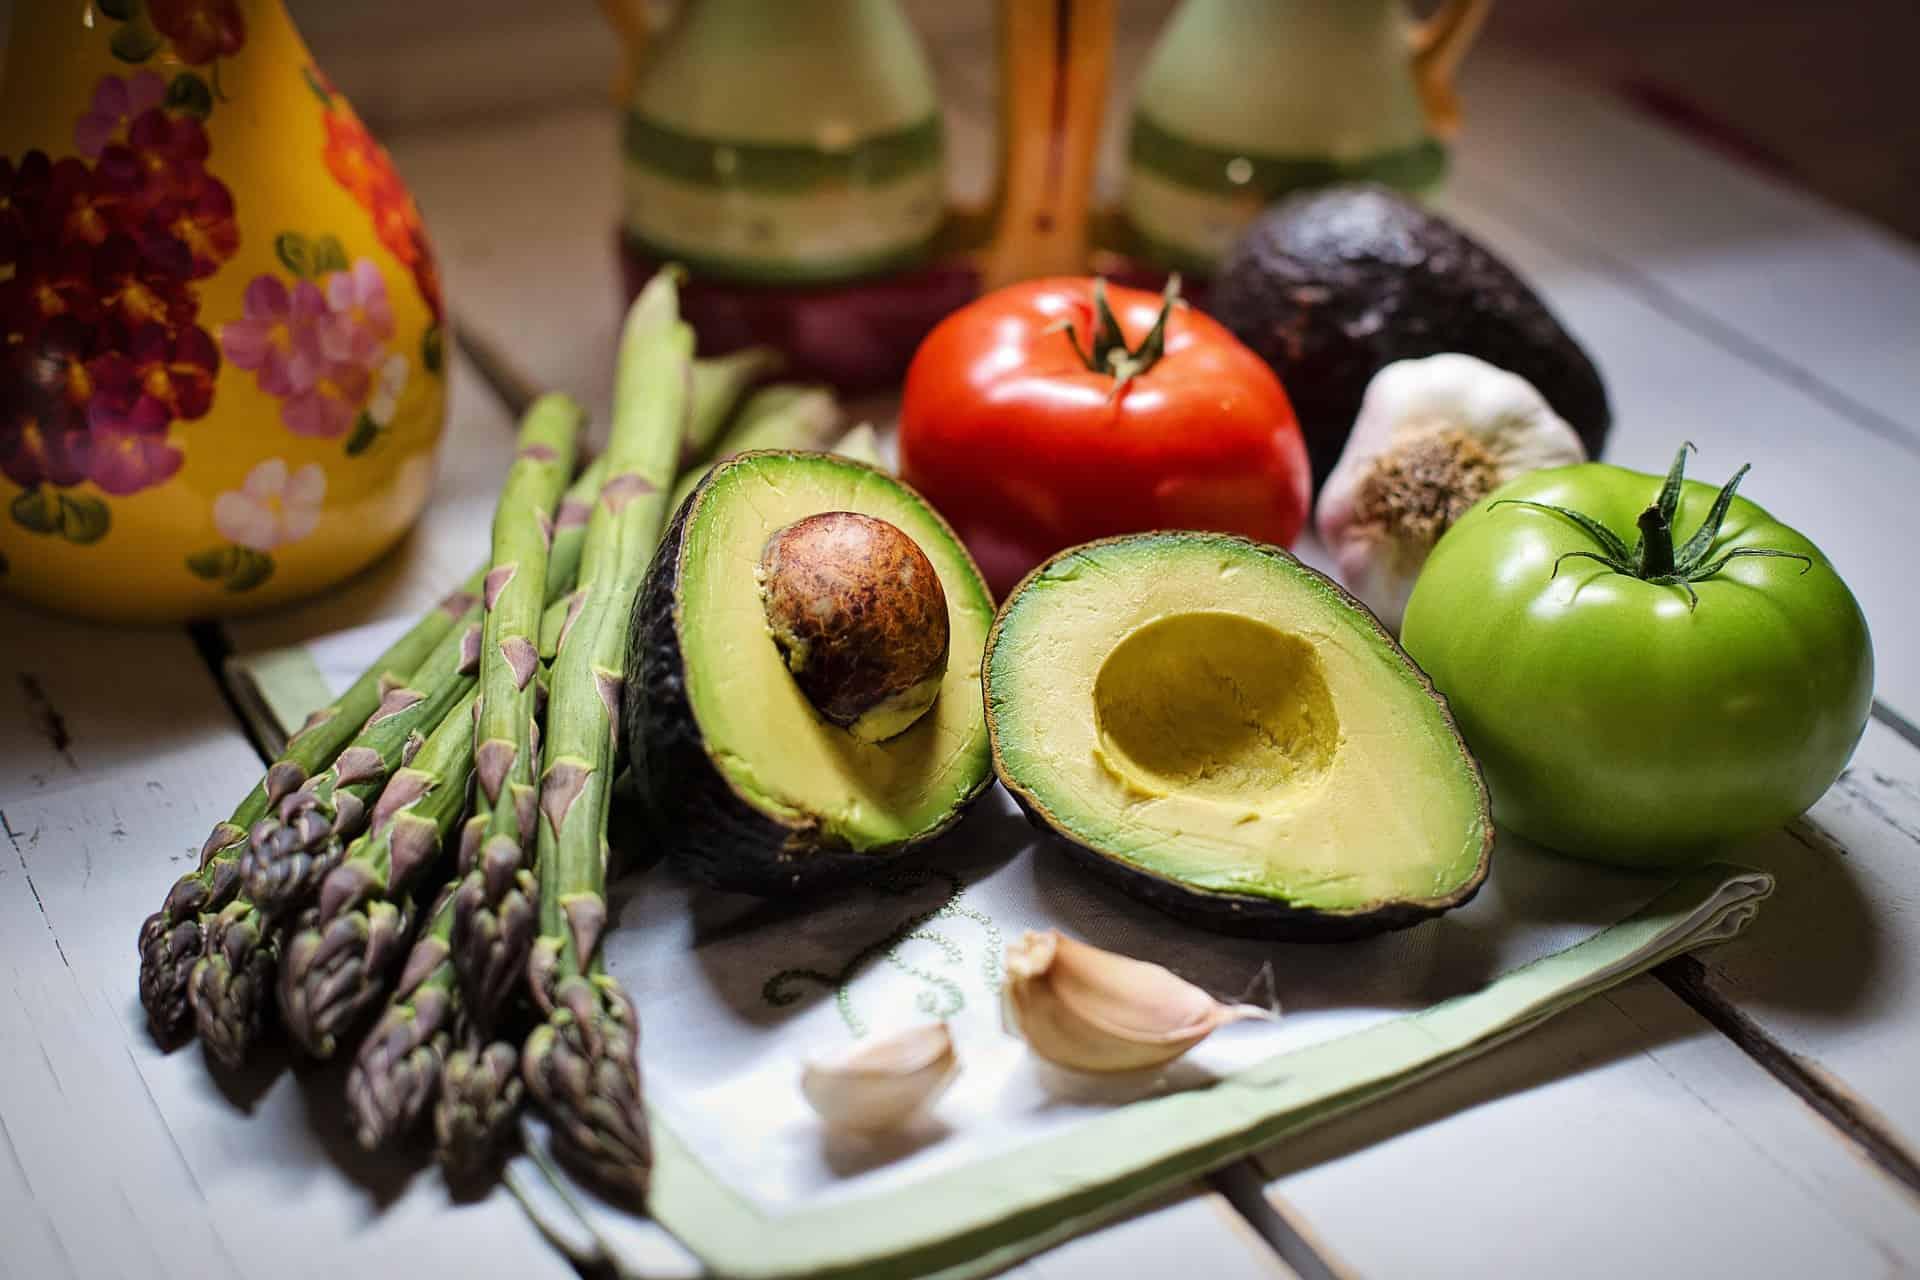 Gemüseschneider: Test & Empfehlungen (01/21)